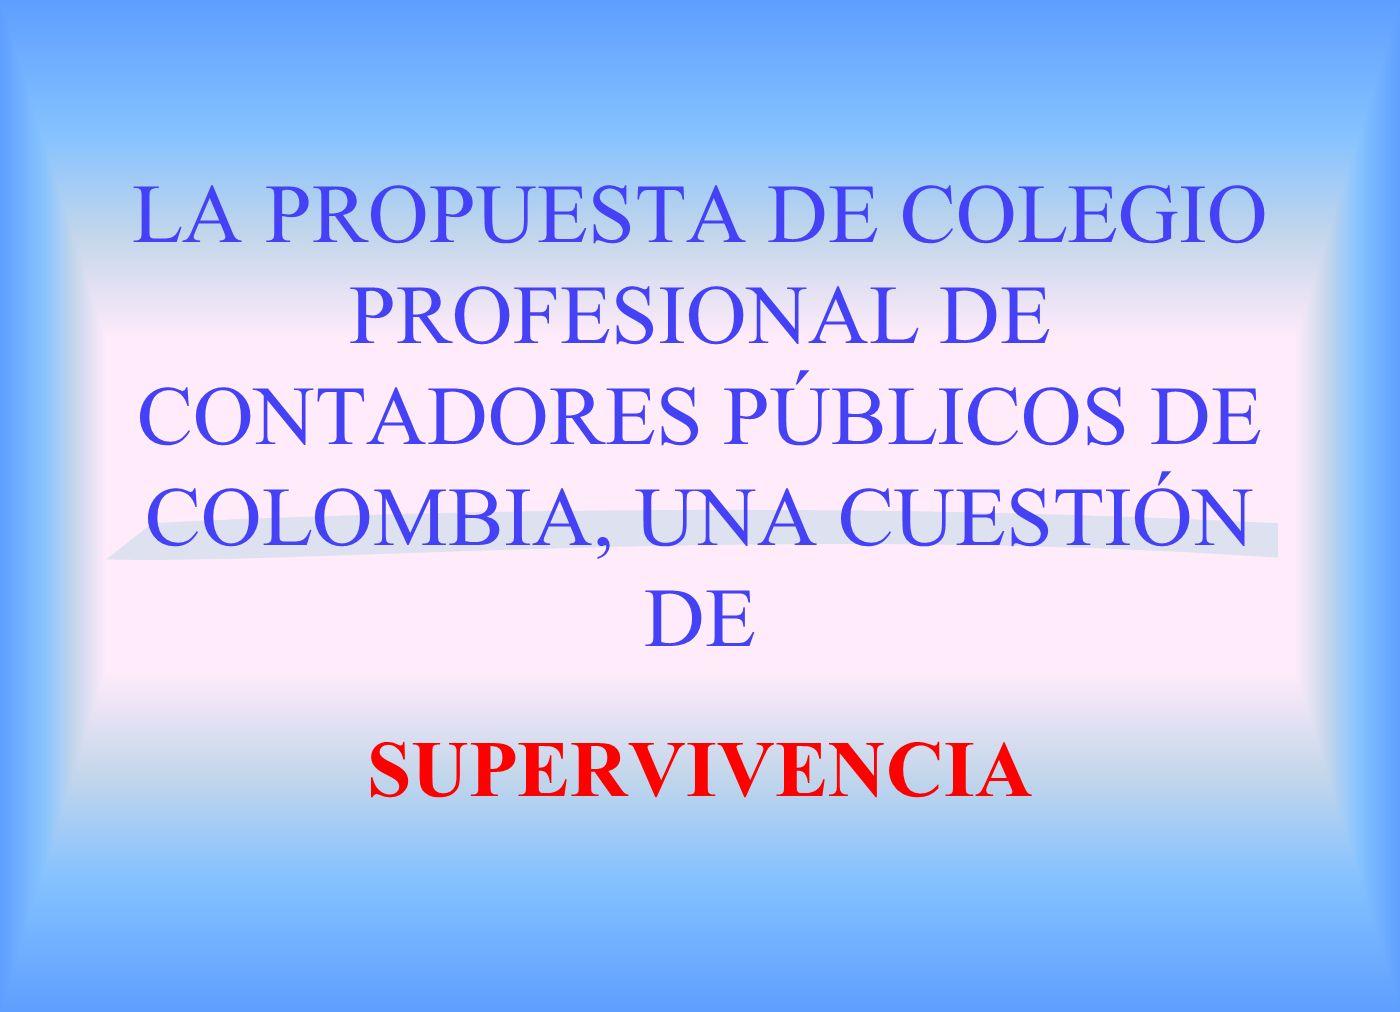 LA PROPUESTA DE COLEGIO PROFESIONAL DE CONTADORES PÚBLICOS DE COLOMBIA, UNA CUESTIÓN DE SUPERVIVENCIA